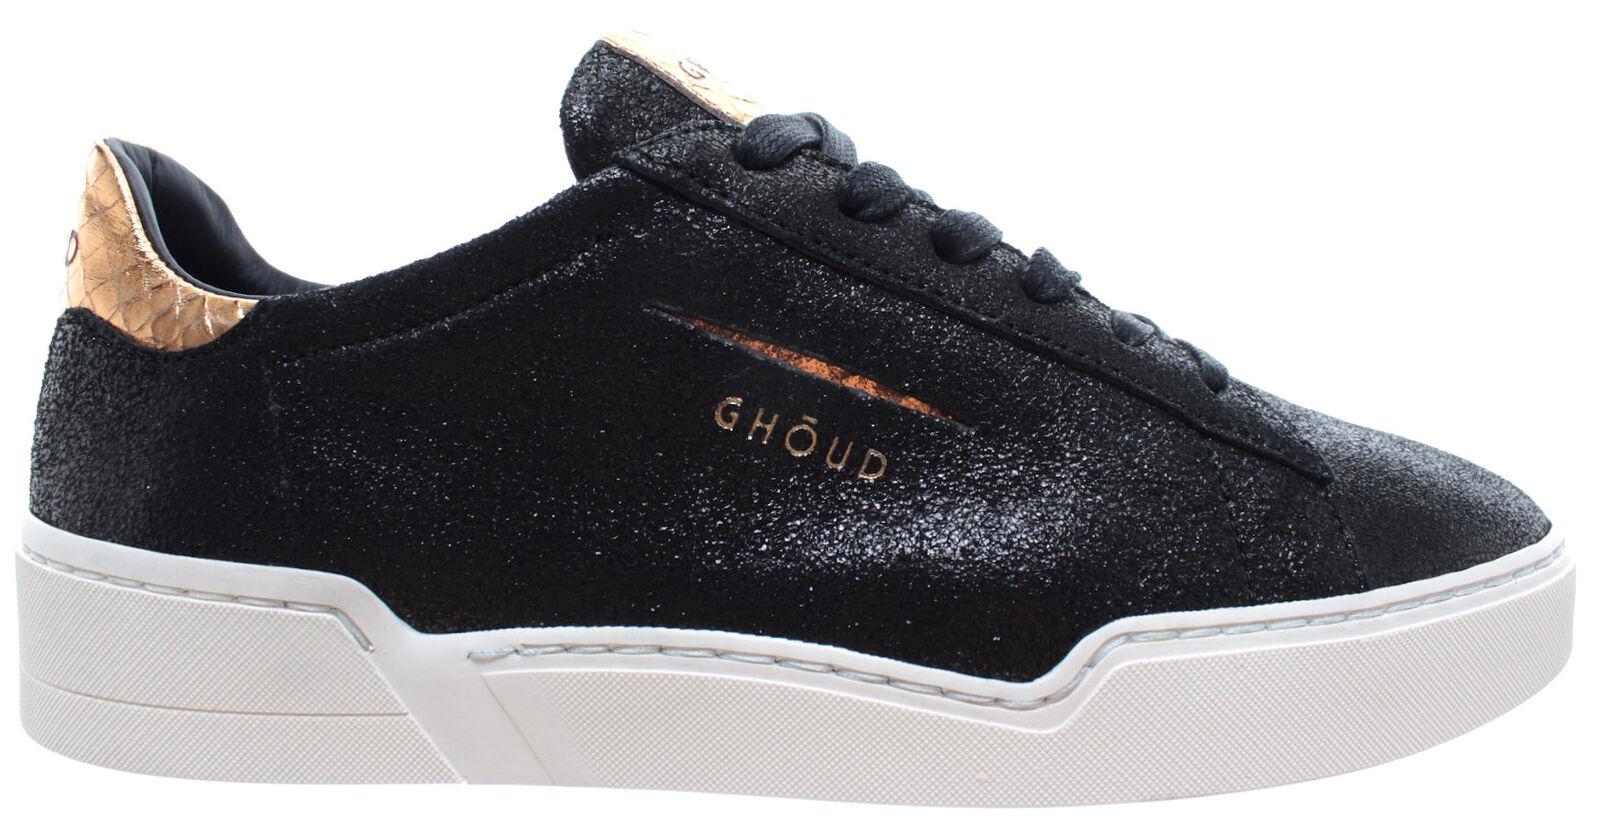 Ghoud Venice Venice Venice señora zapatos casual zapatillas LOB 02 low salv negro oro  están haciendo actividades de descuento